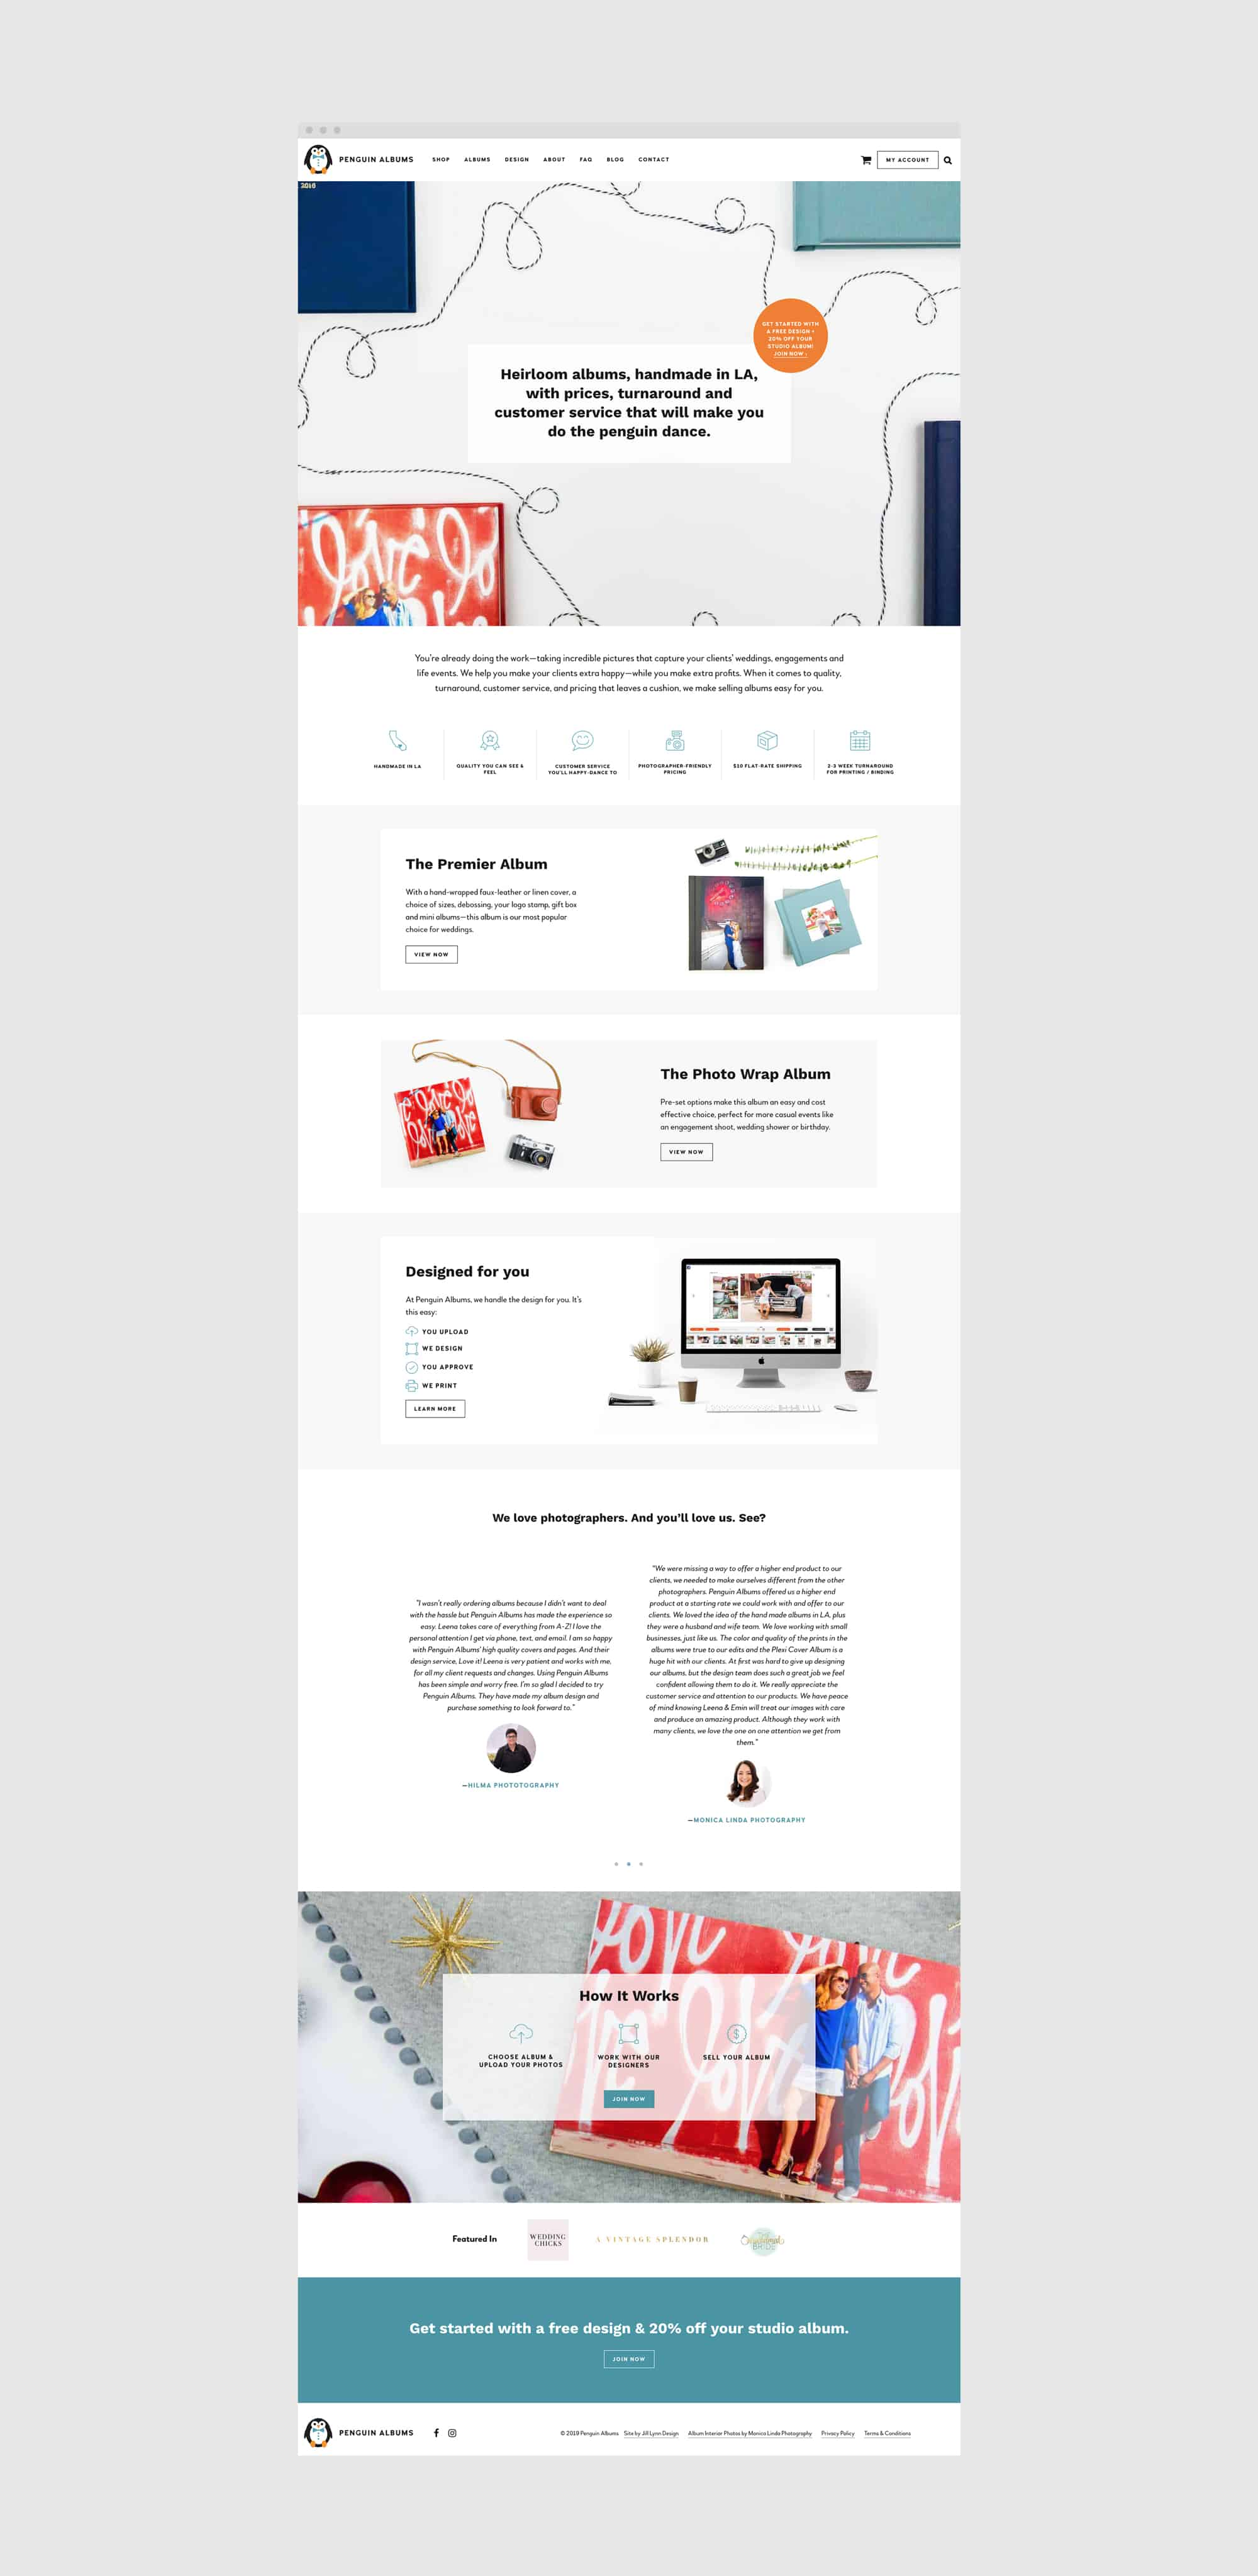 mockup of WordPress web page